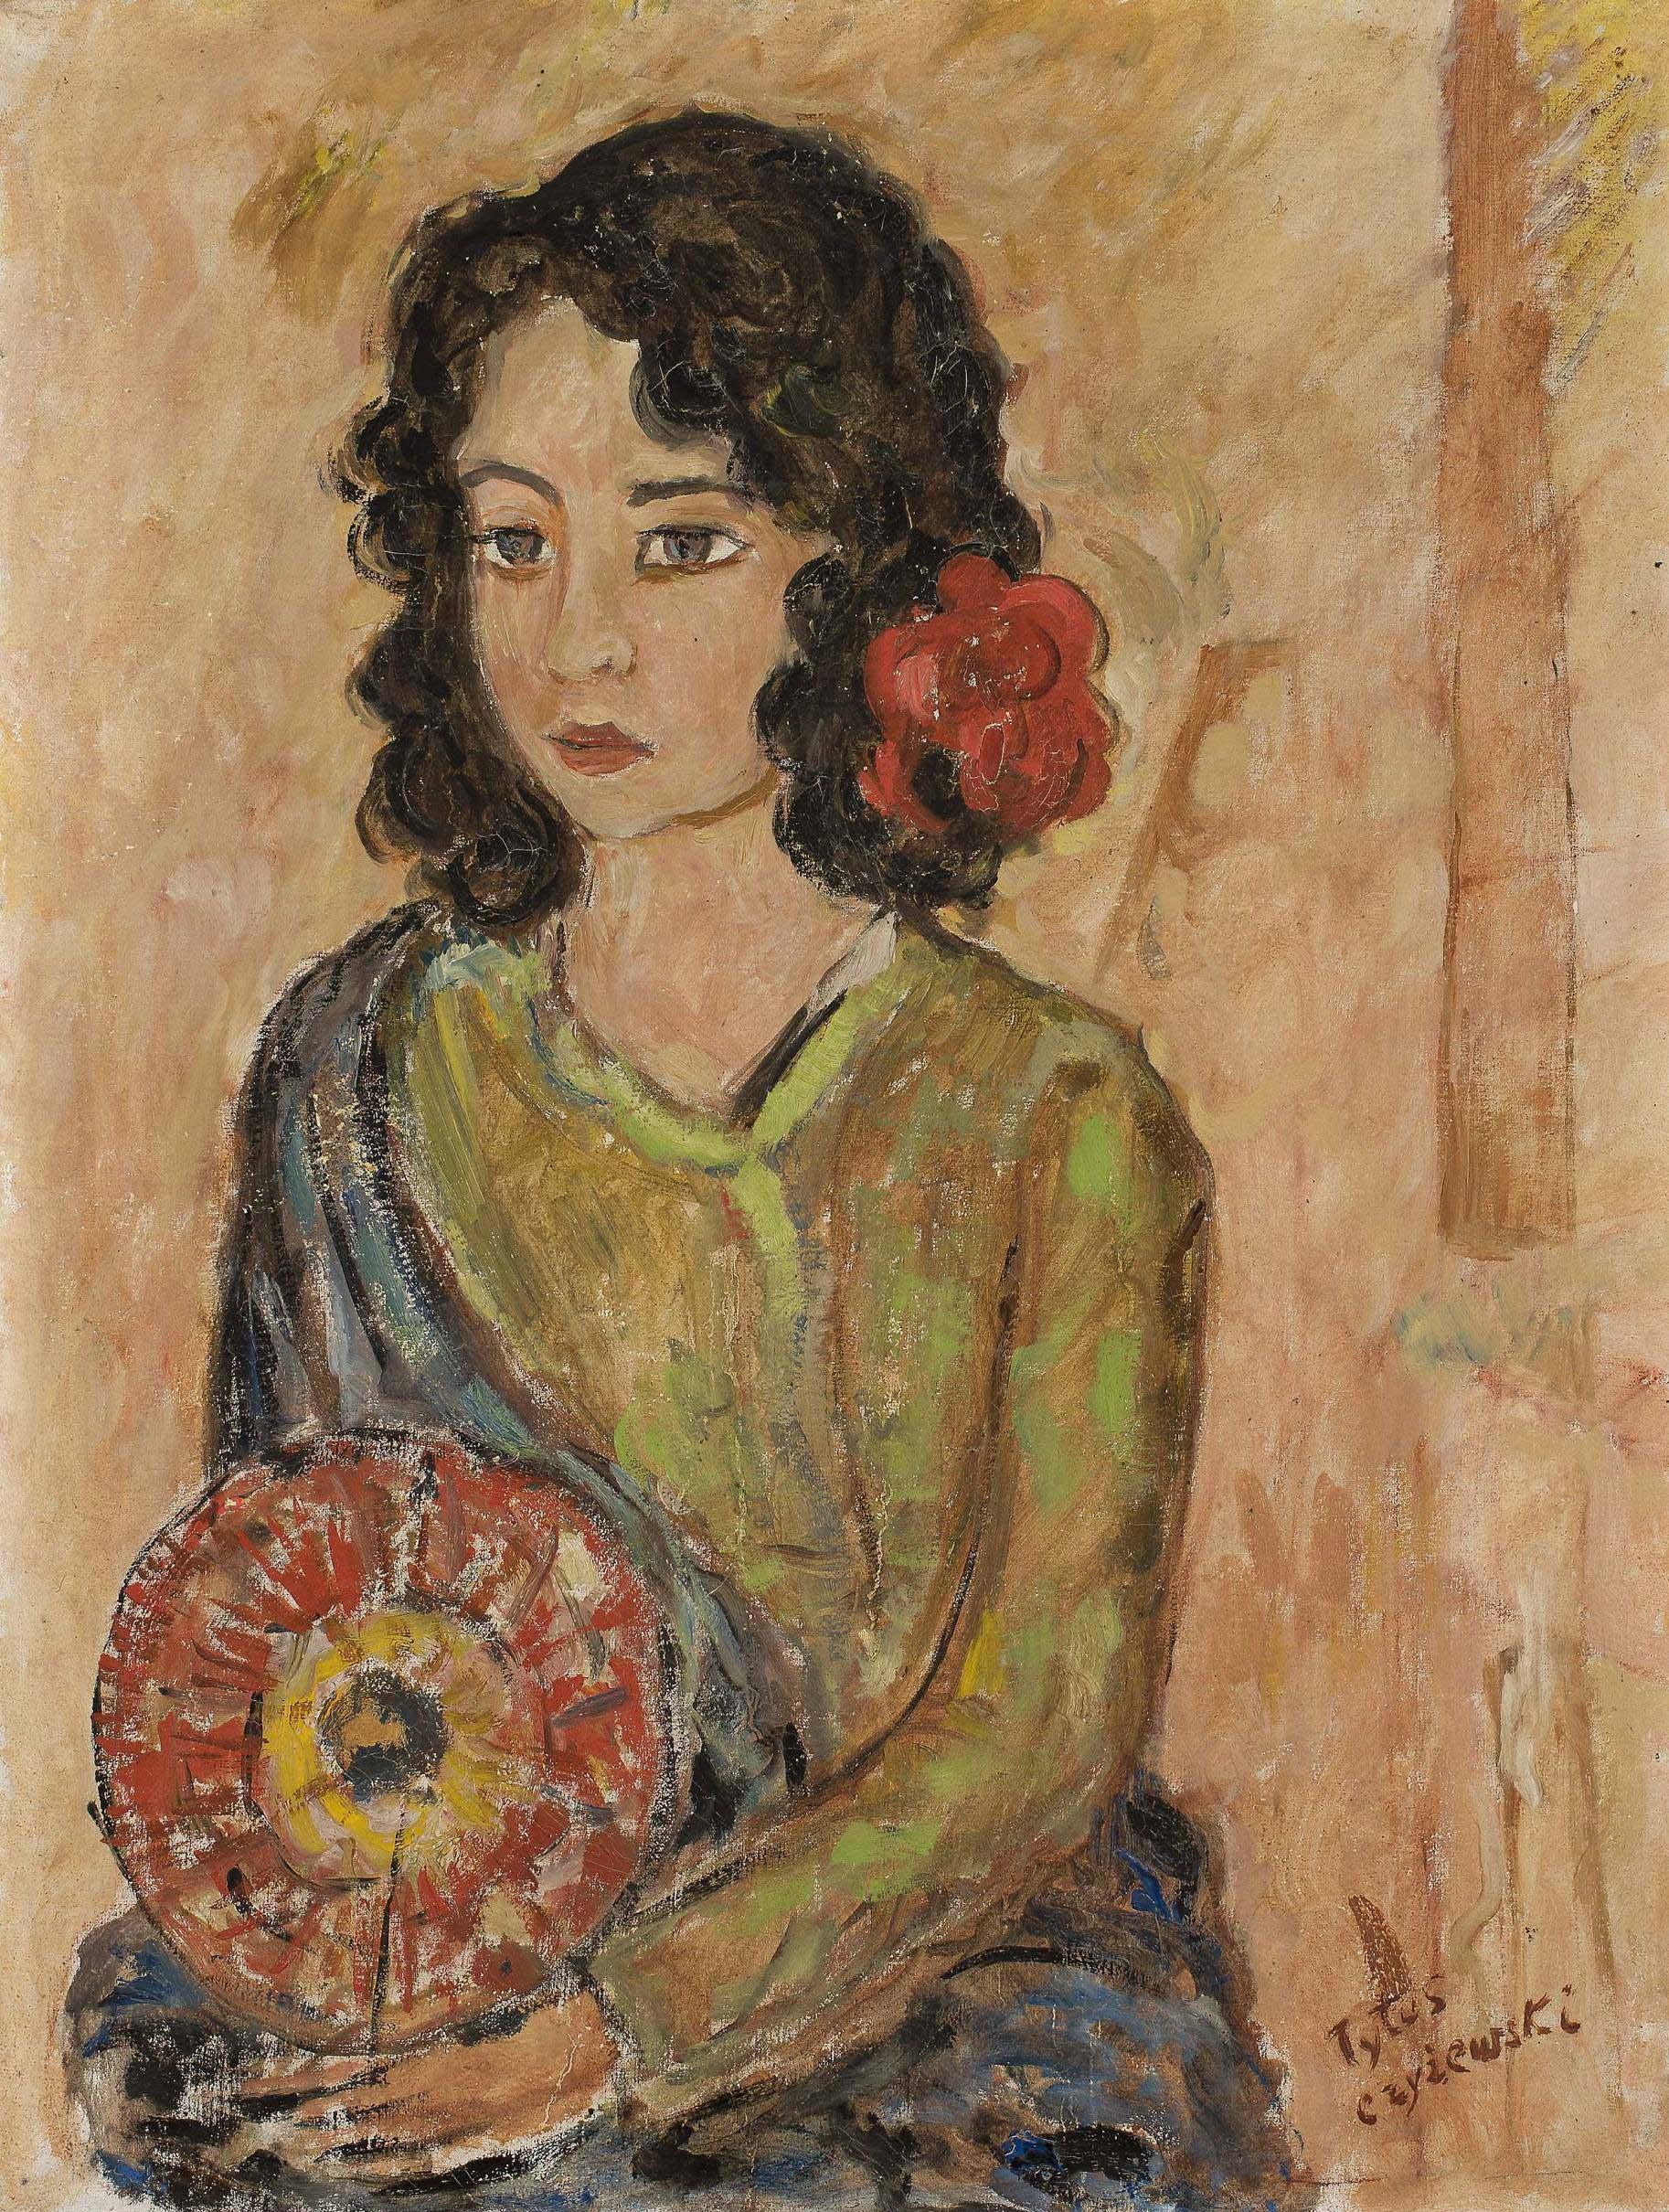 """Tytus Czyżewski (1880-1945) """"Dziewczyna z wachlarzem"""", przed 1939 rokiem, źródło: Muzeum Narodowe w Warszawie"""